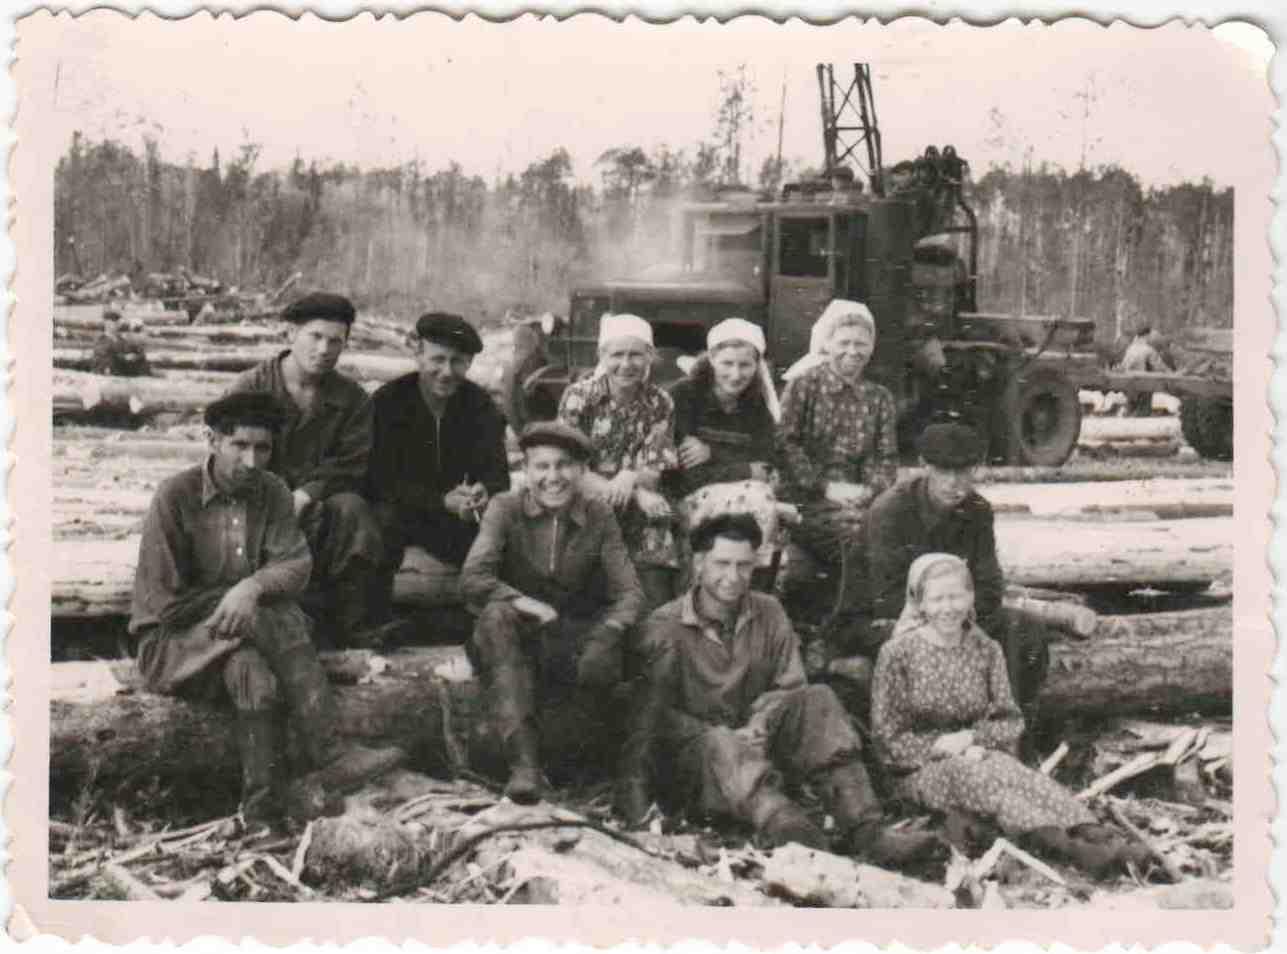 Автомобили ЗИС на погрузке и вывозке леса, п.Вандыш, 1950-е